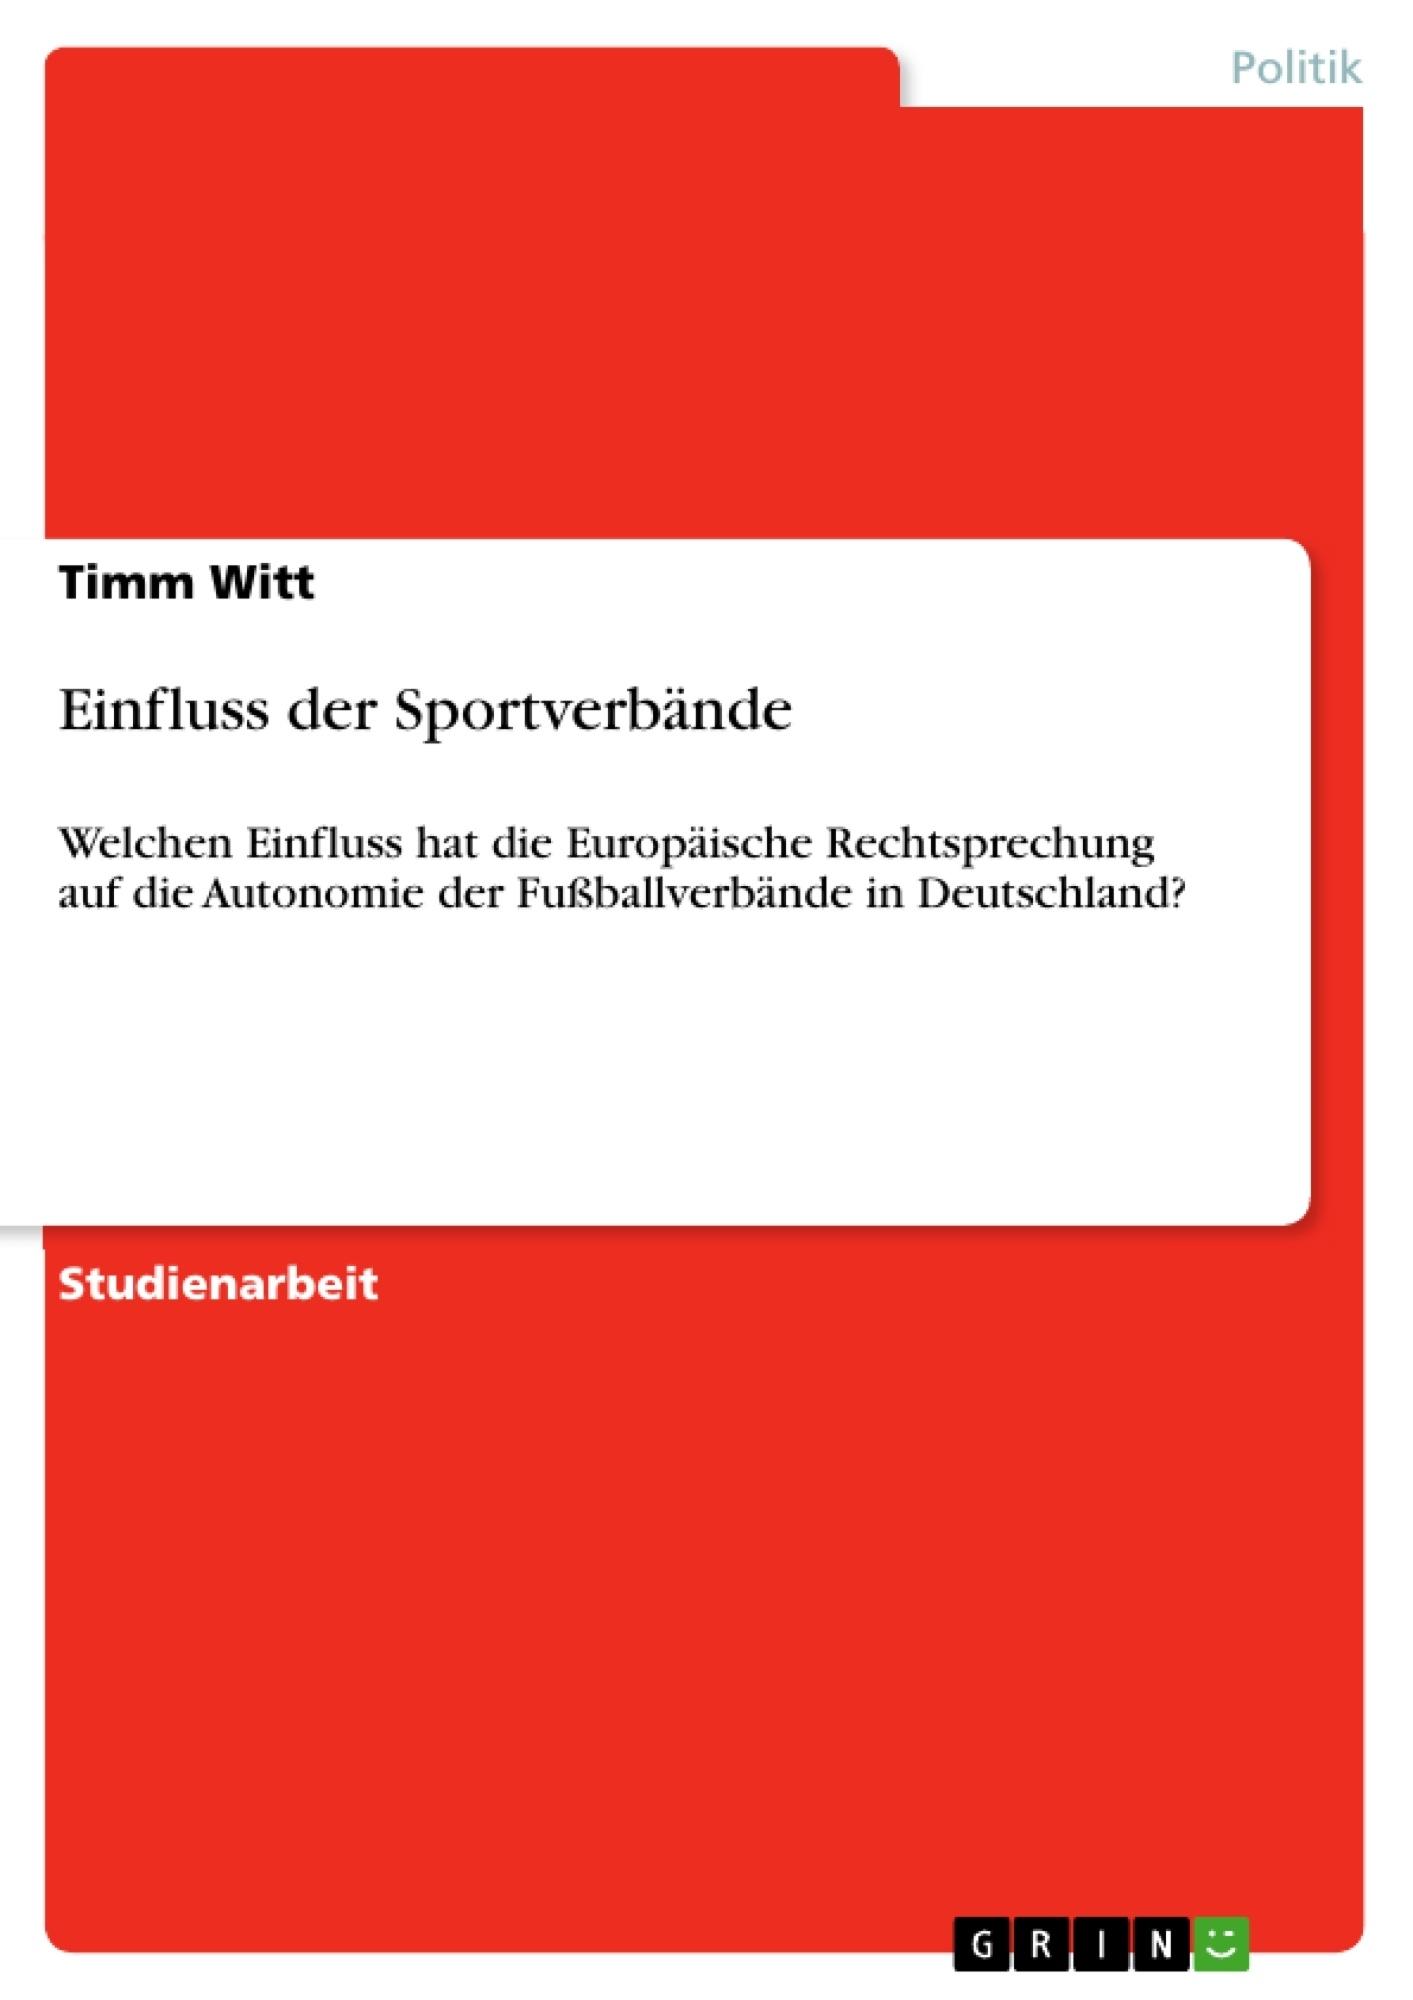 Titel: Einfluss der Sportverbände